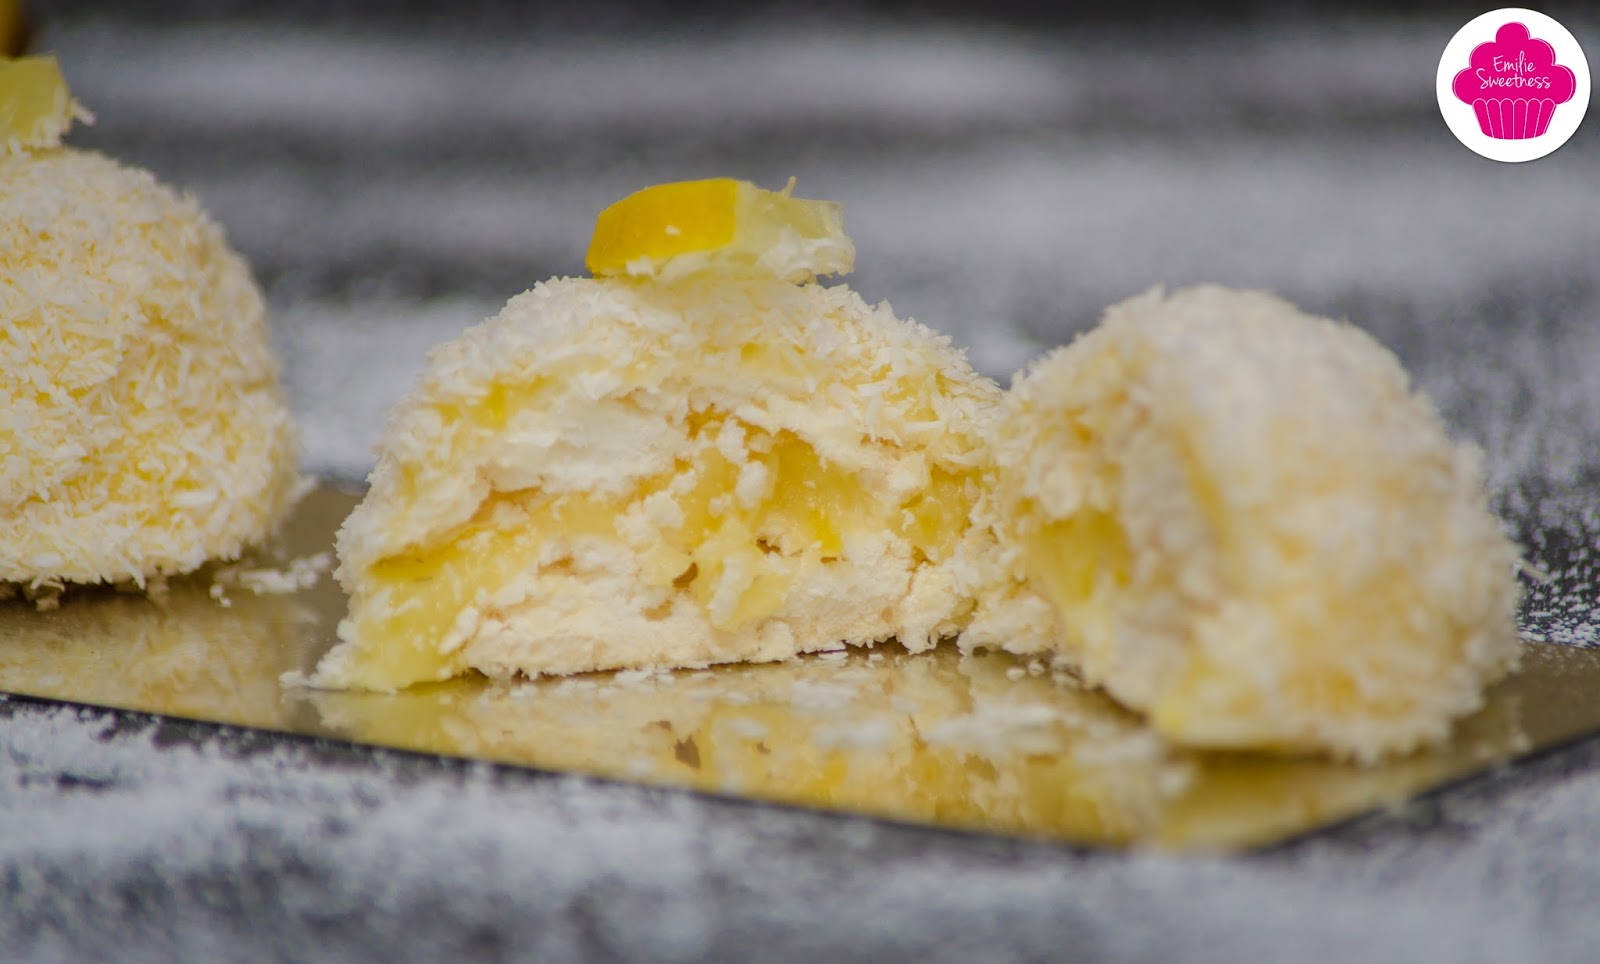 emilie sweetness merveilleux citron coco un dessert meringu 233 avec du lemon curd et de la noix